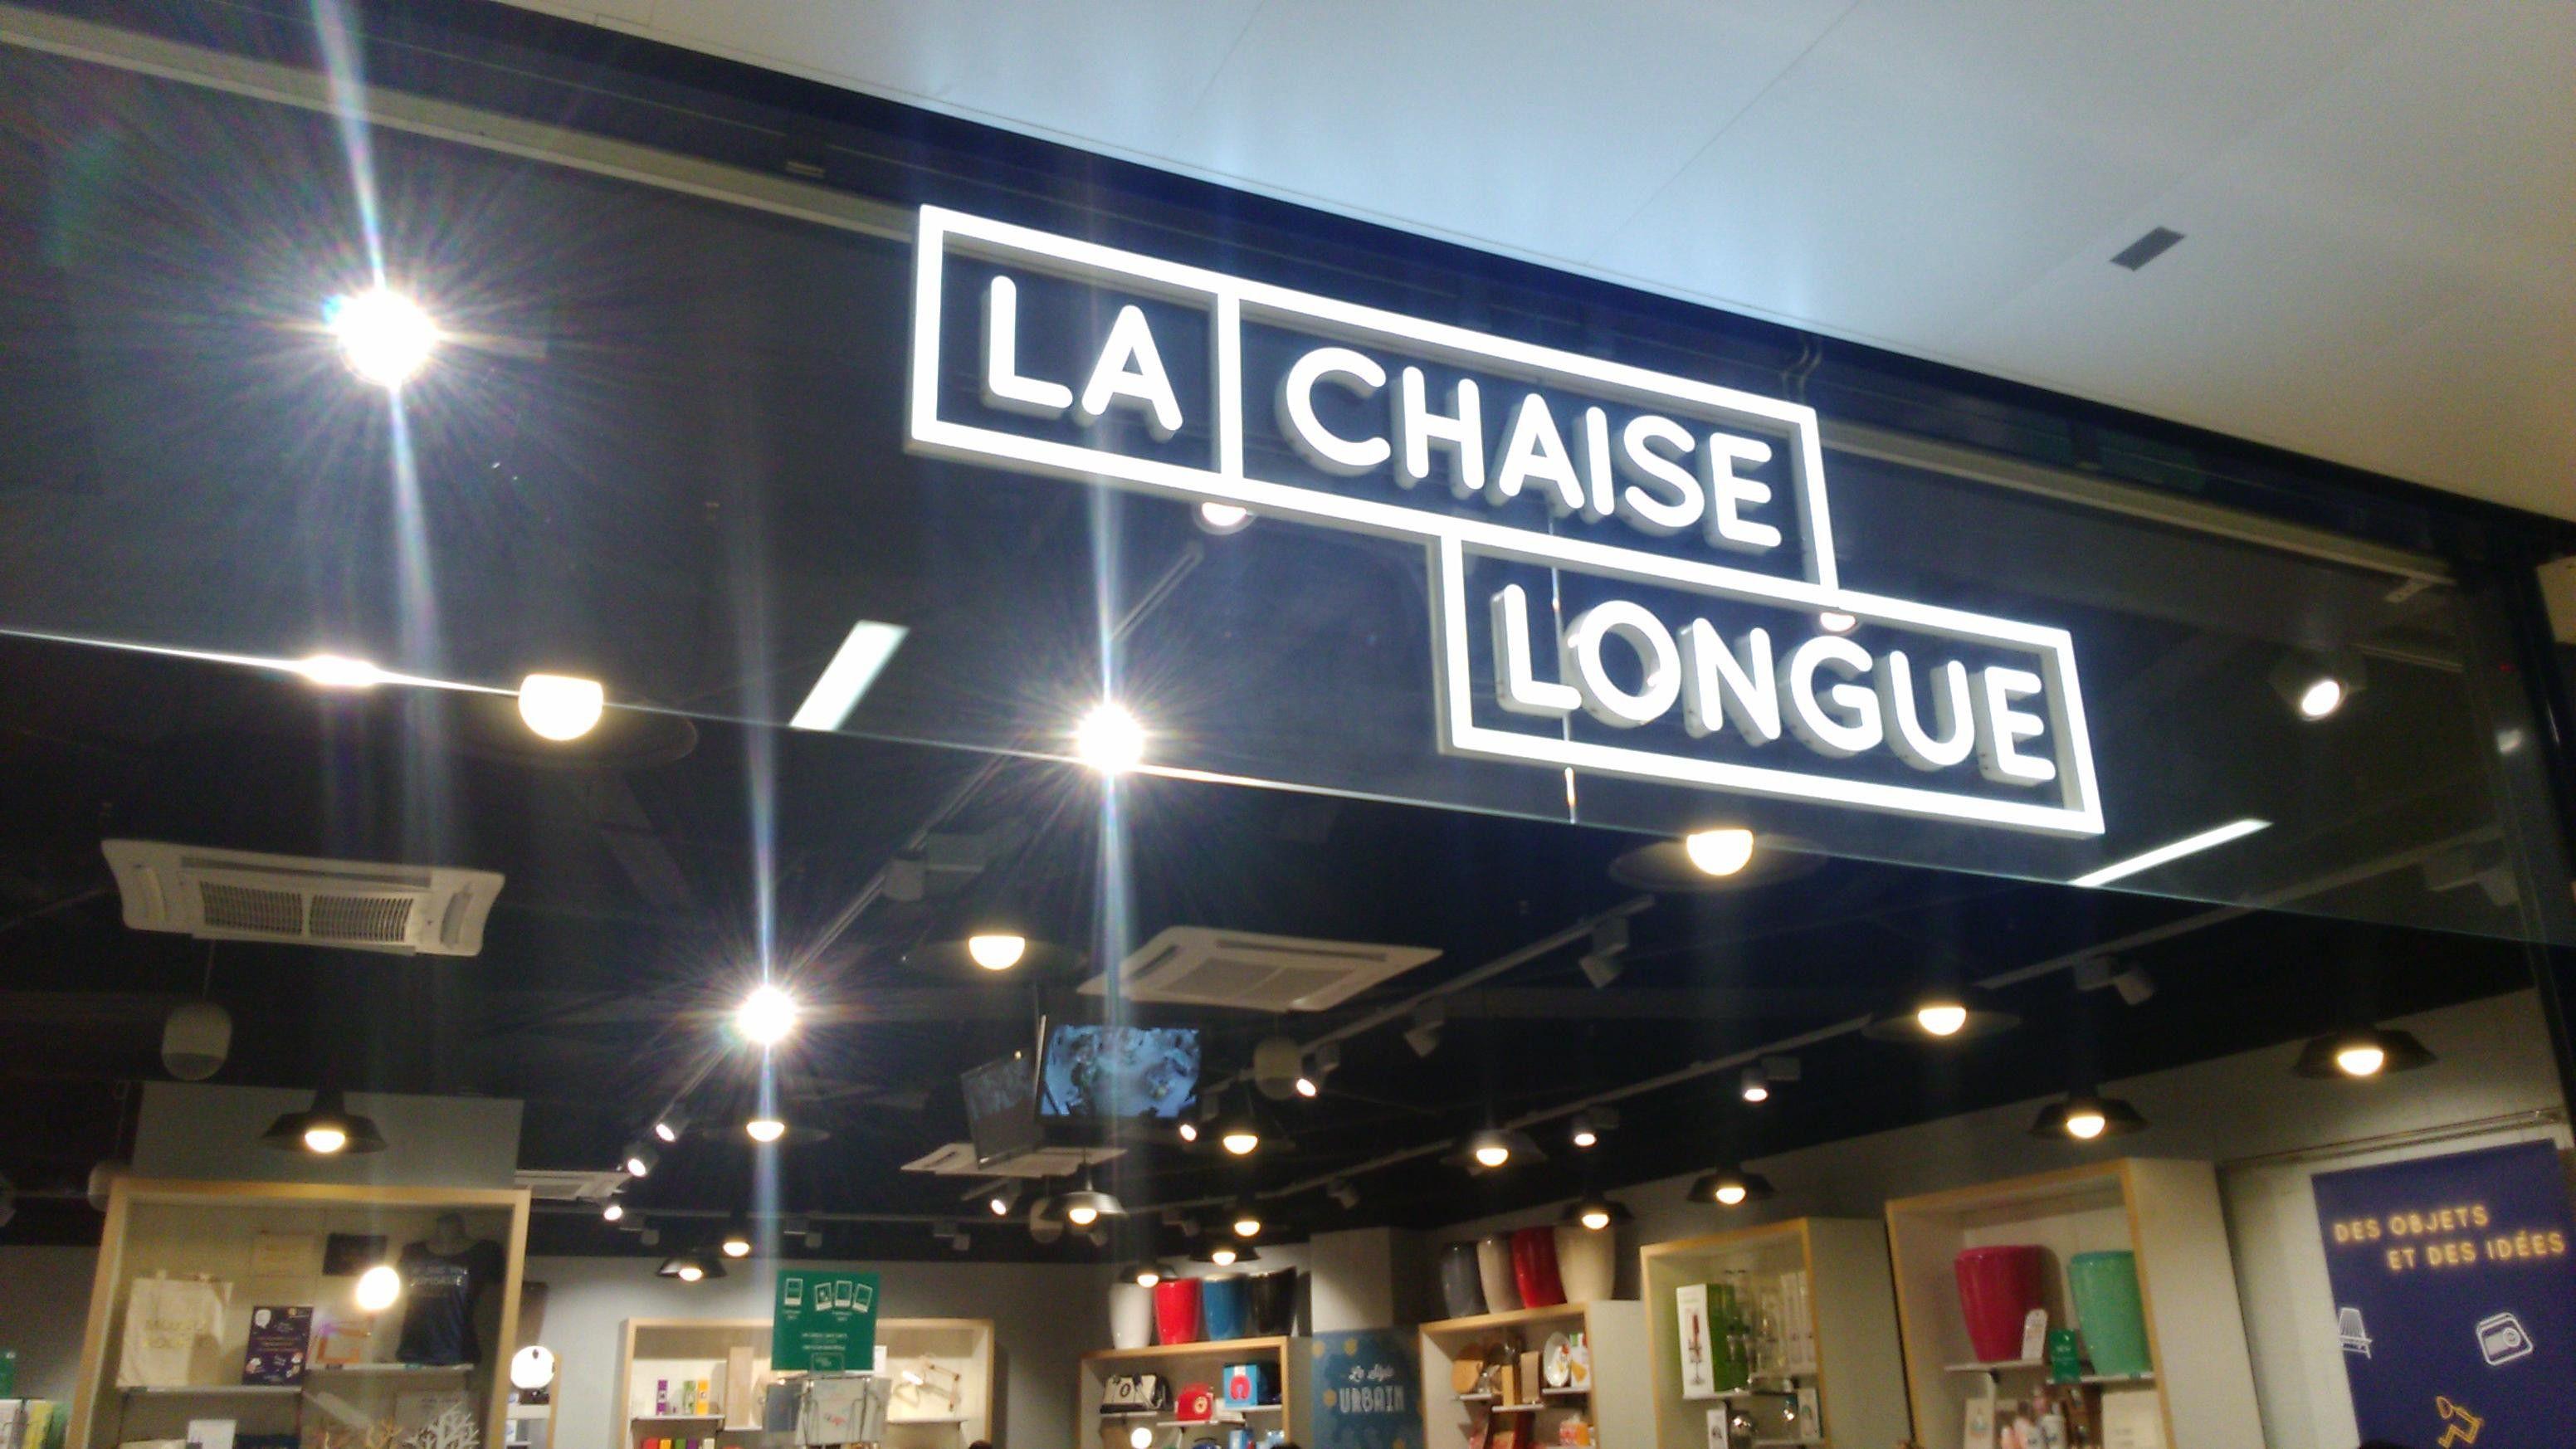 35 Nouveau La Chaise Longue Rennes Idées Inspirantes